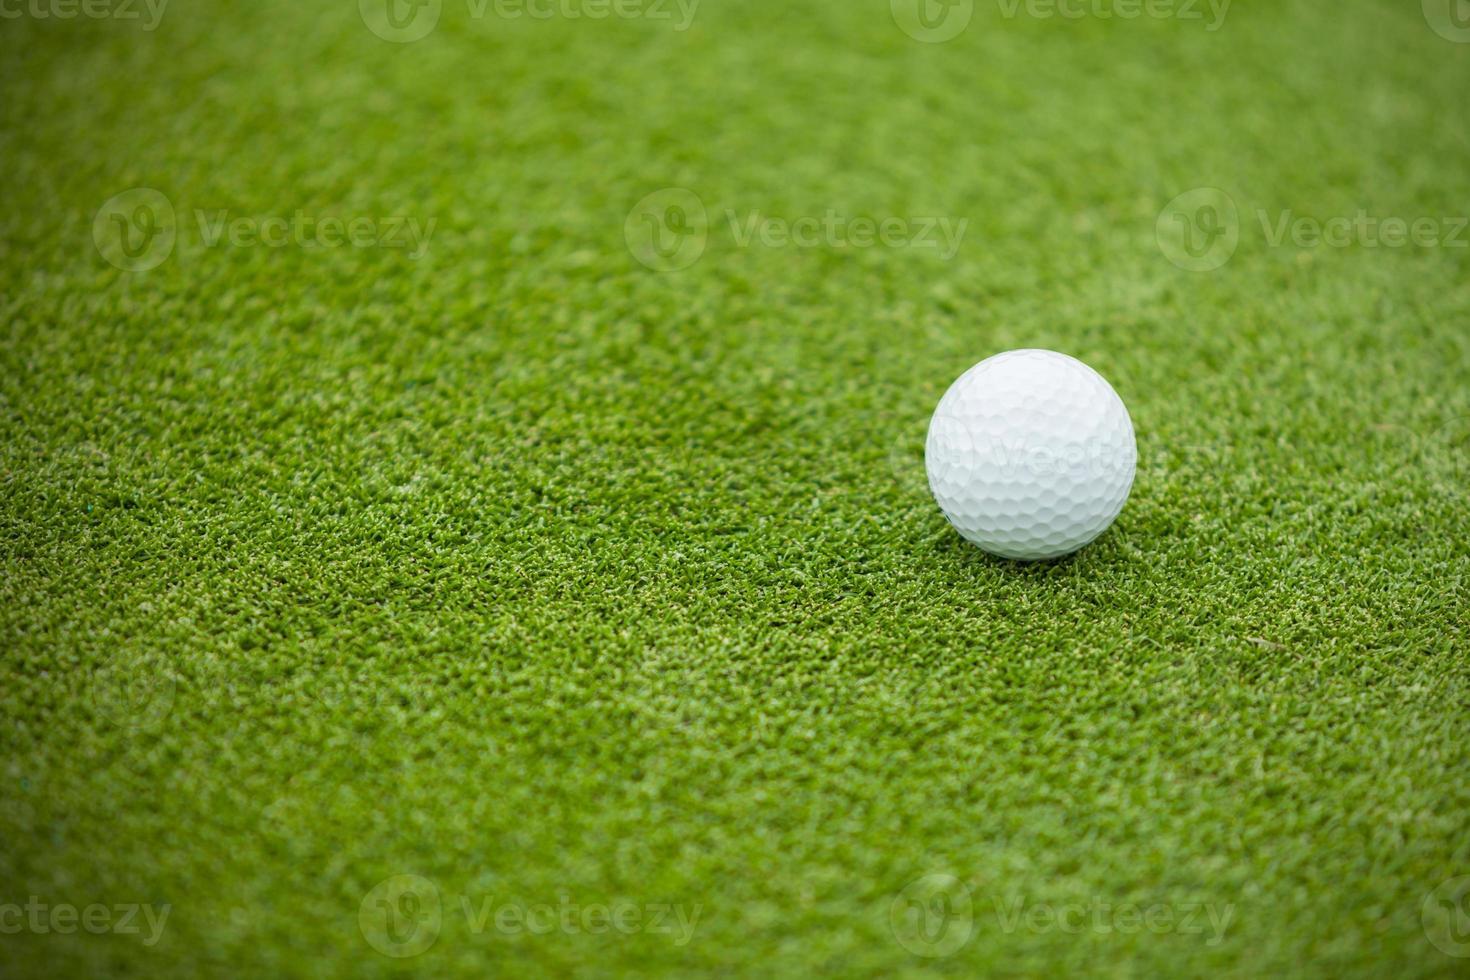 pelota de golf en el verde césped foto